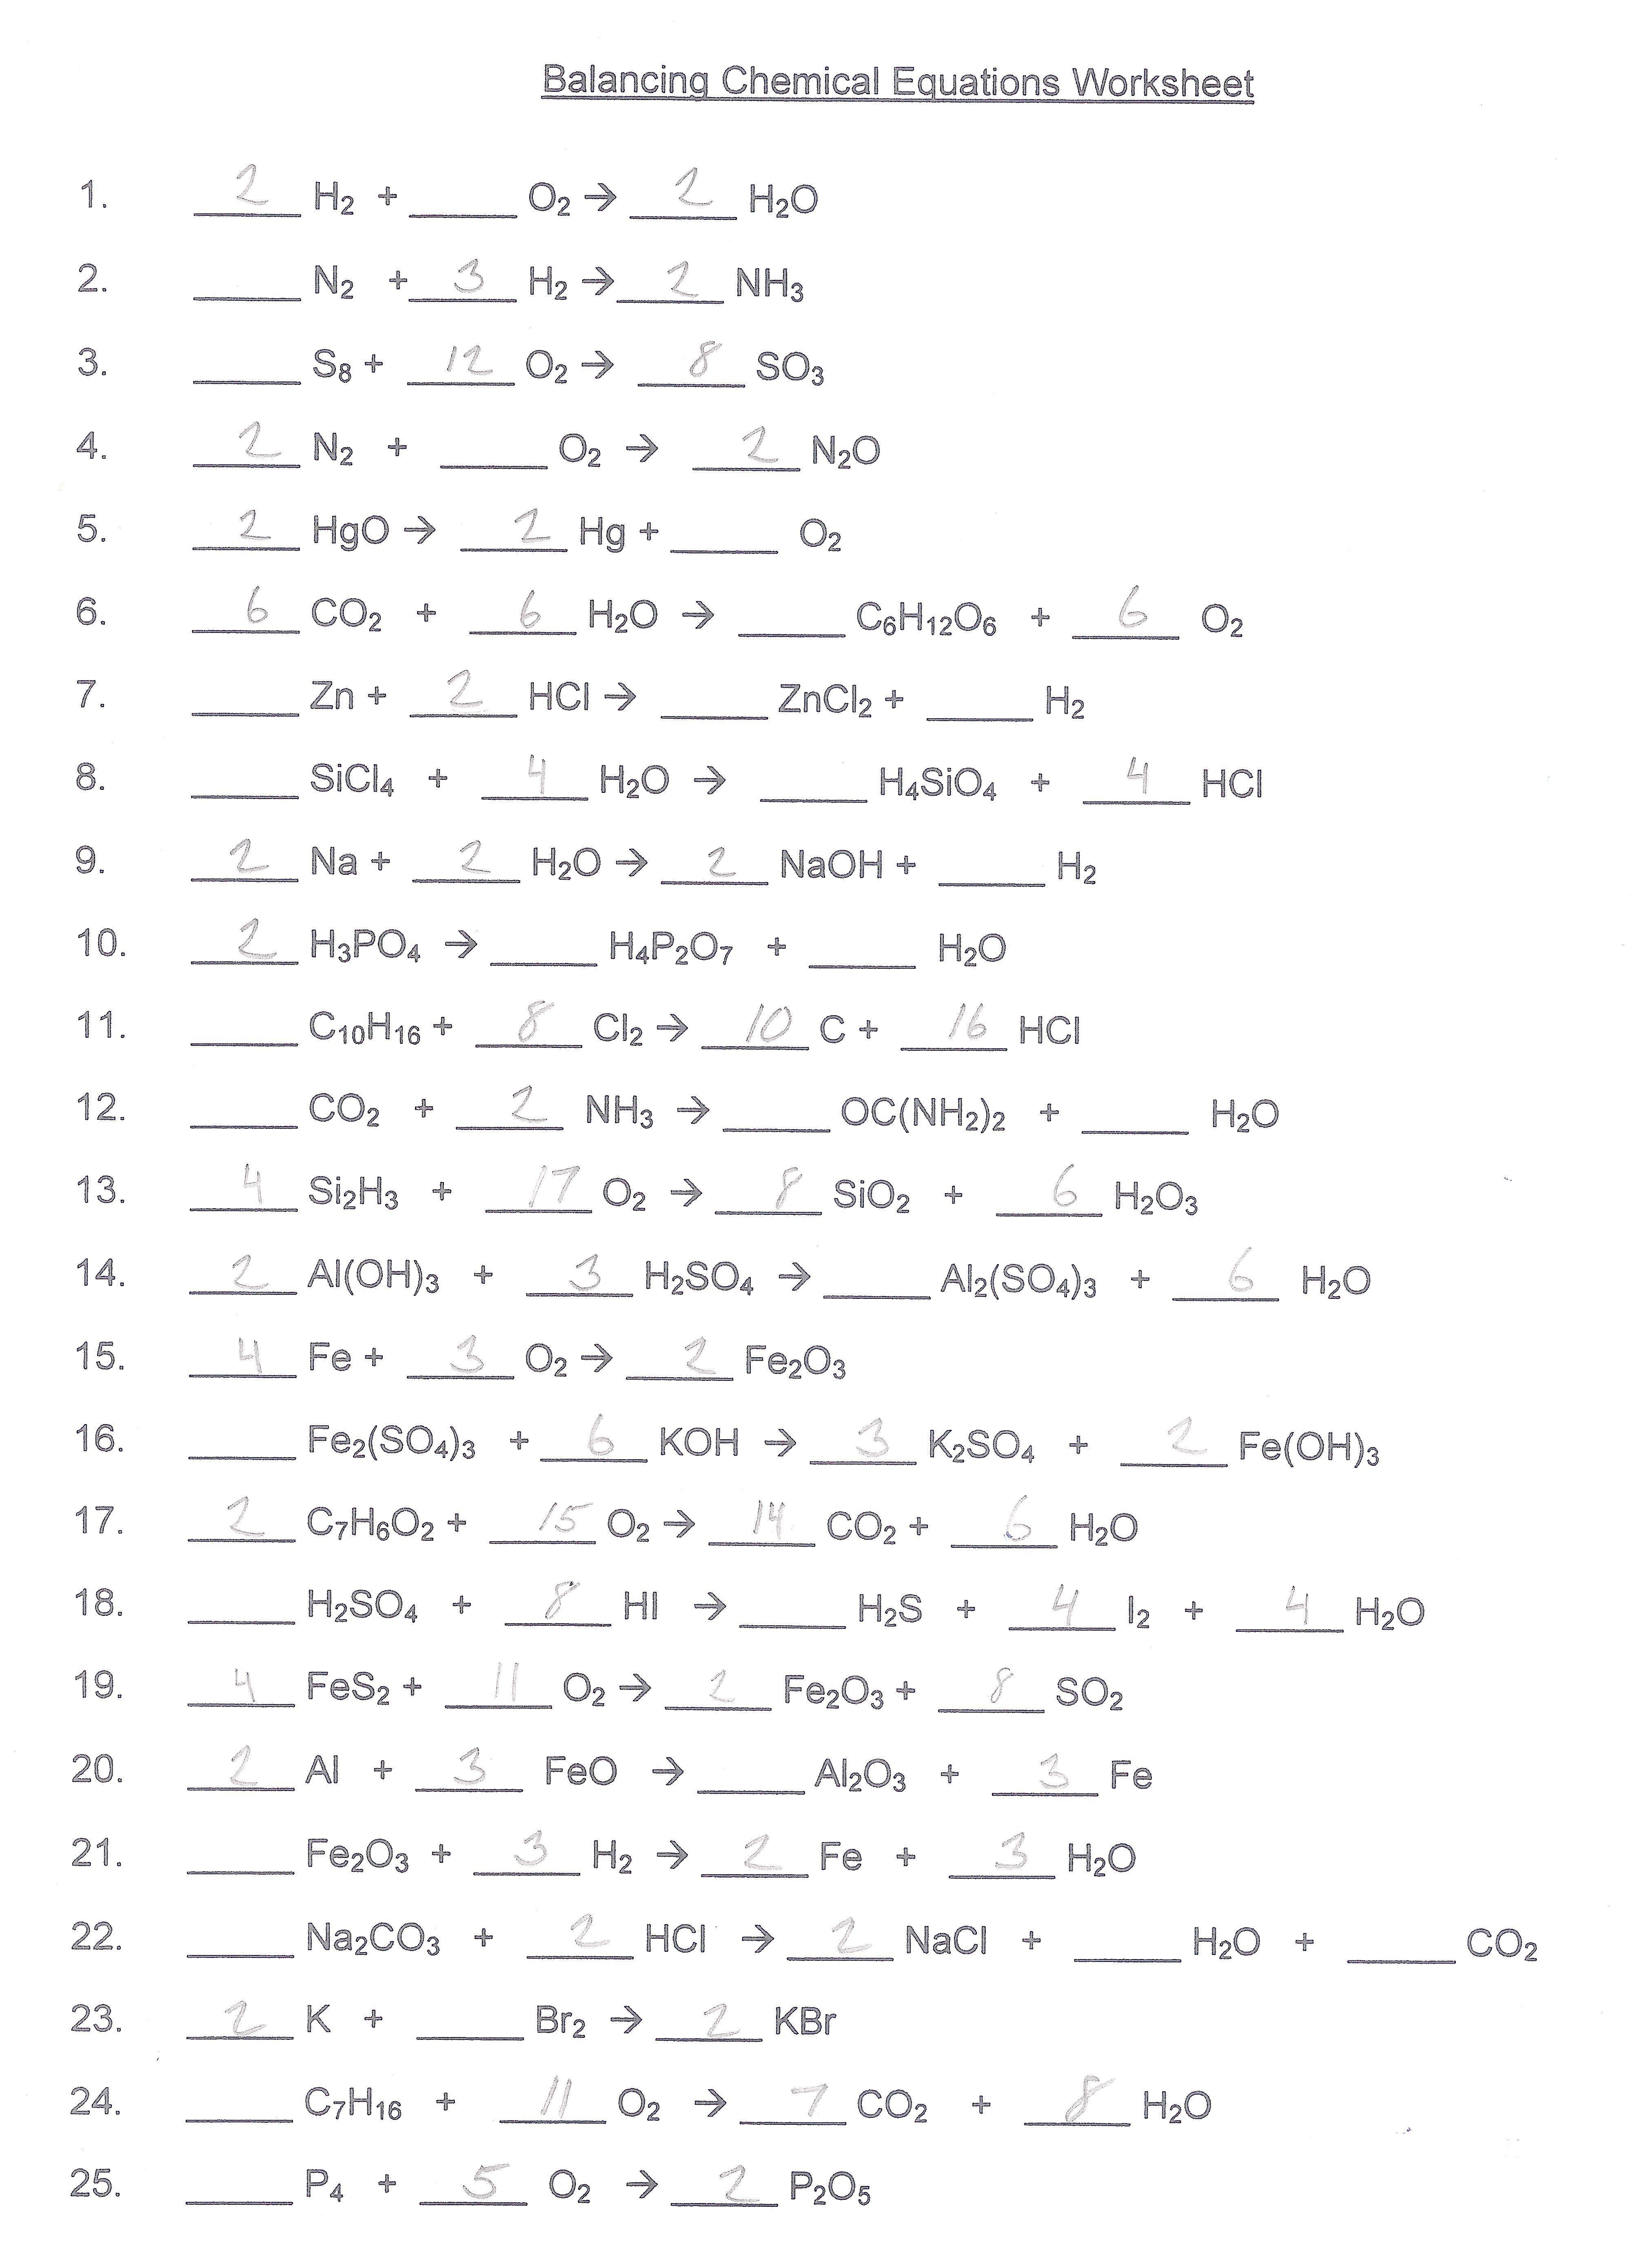 Balancing Equations Worksheet 2 The Best Worksheets Image